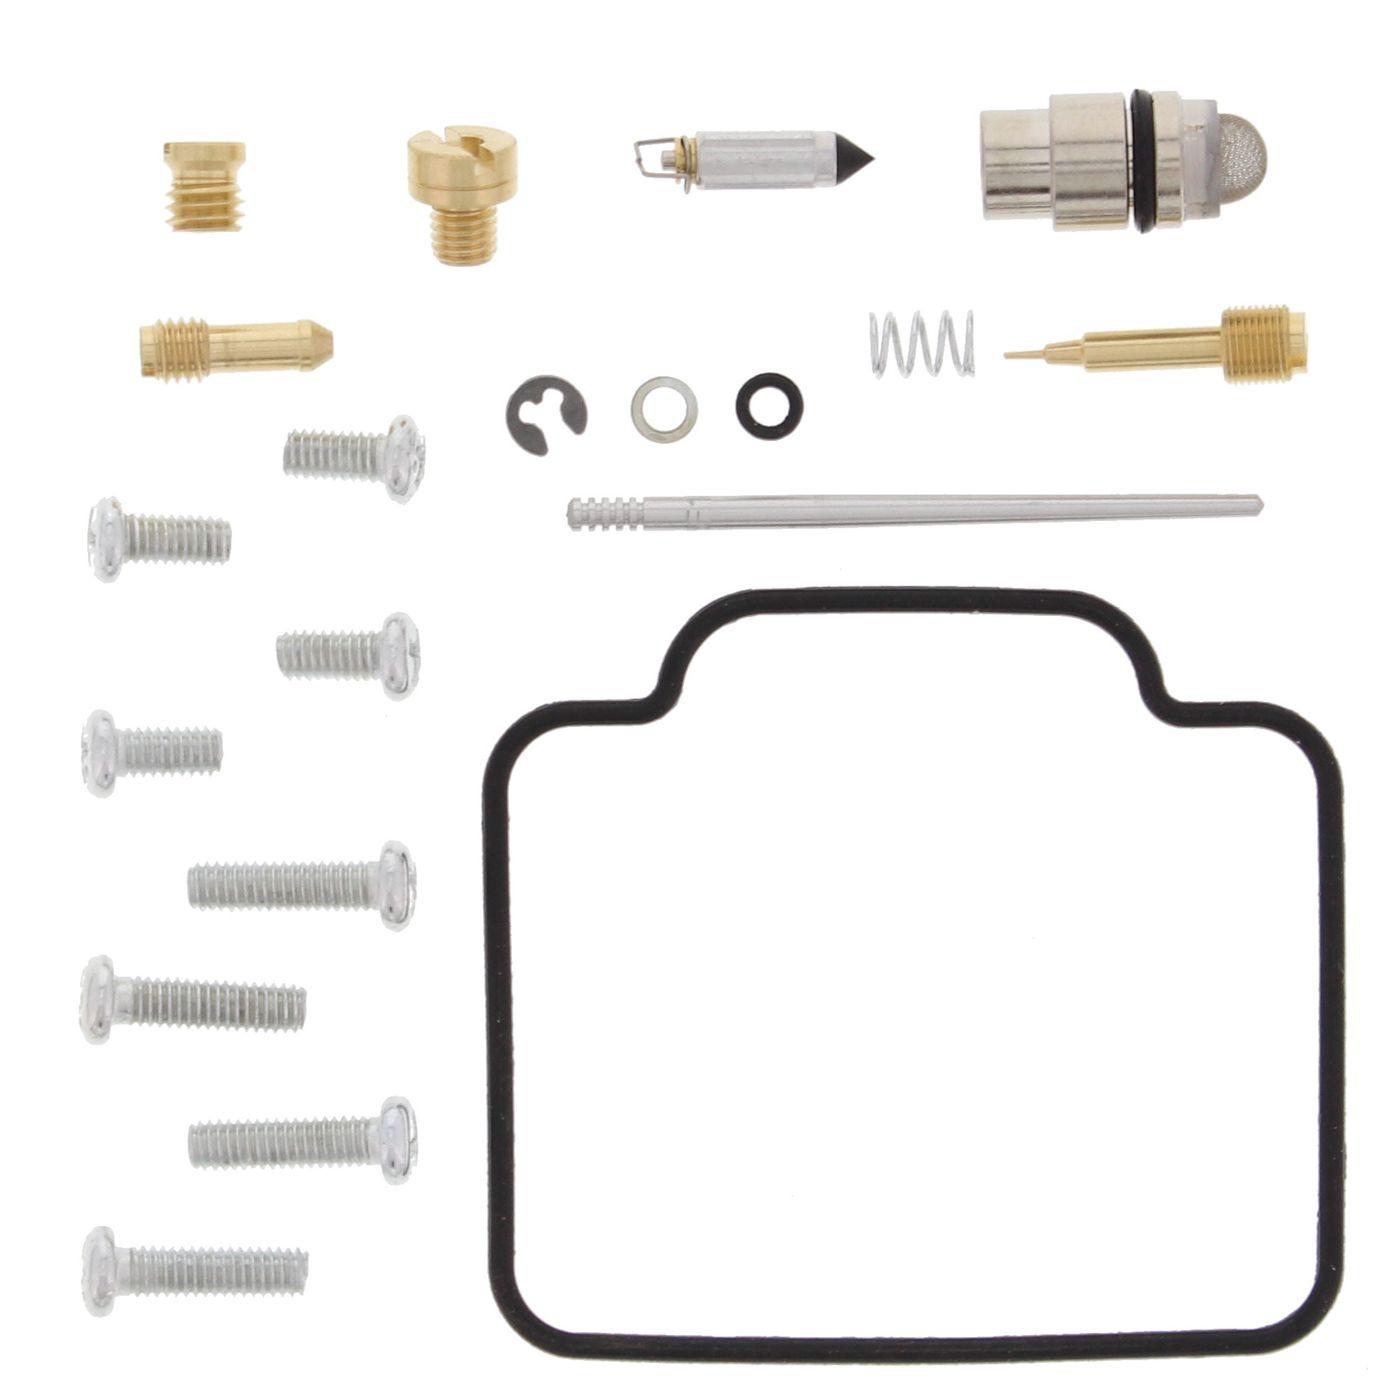 wrp carb repair kits - WRP261028 image